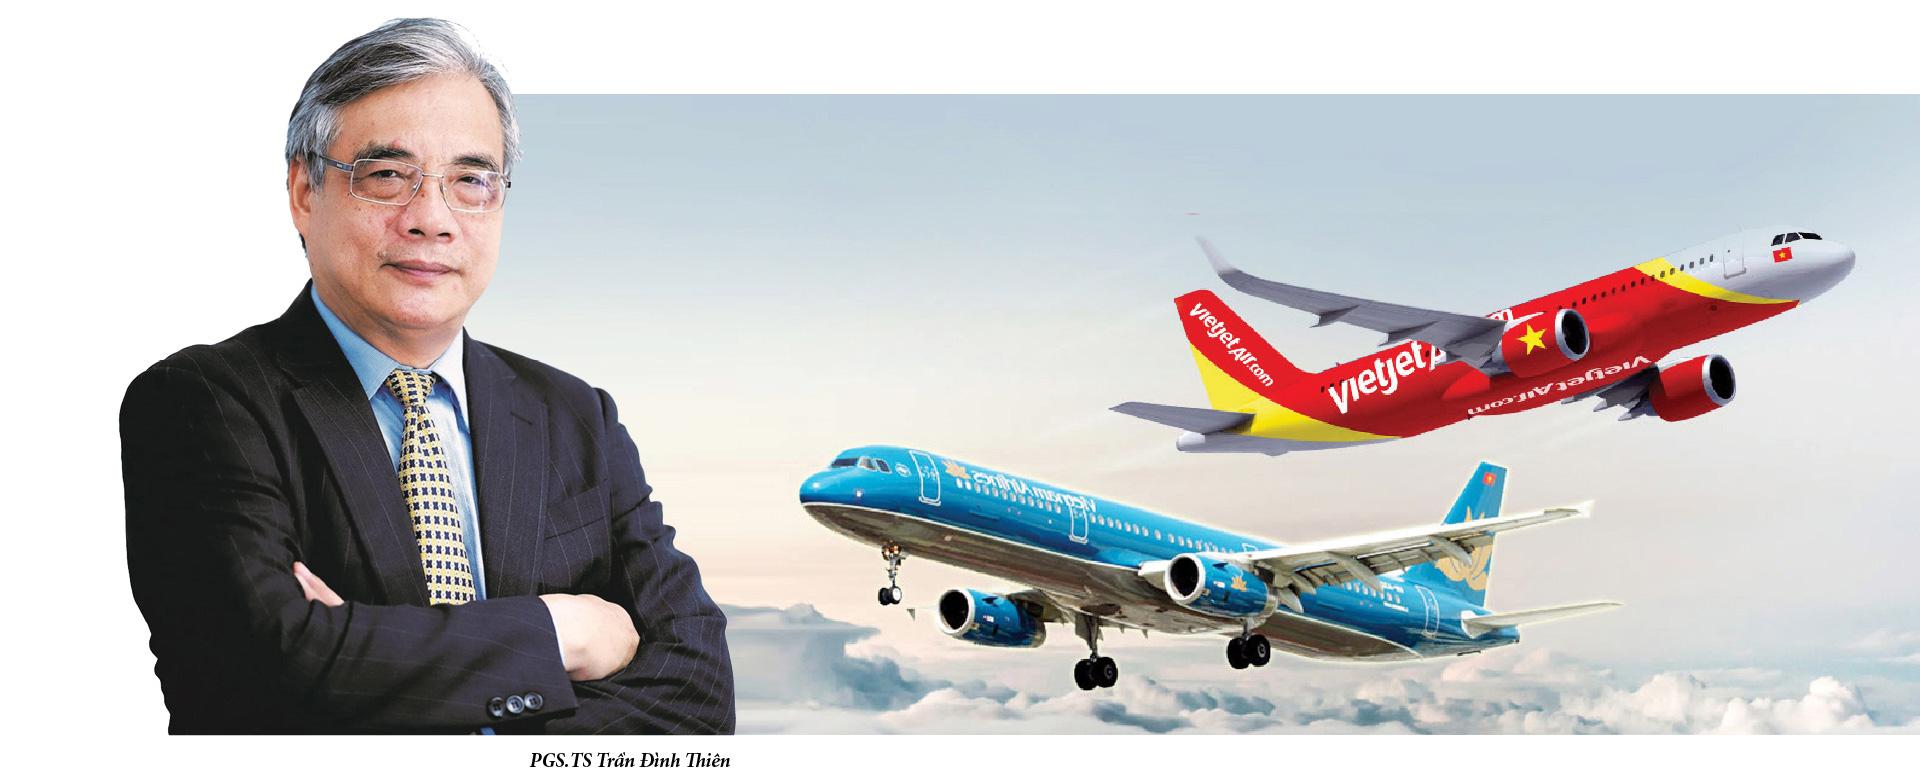 'Lựa chọn hỗ trợ hàng không vì tương lai của đất nước' - Ảnh 4.